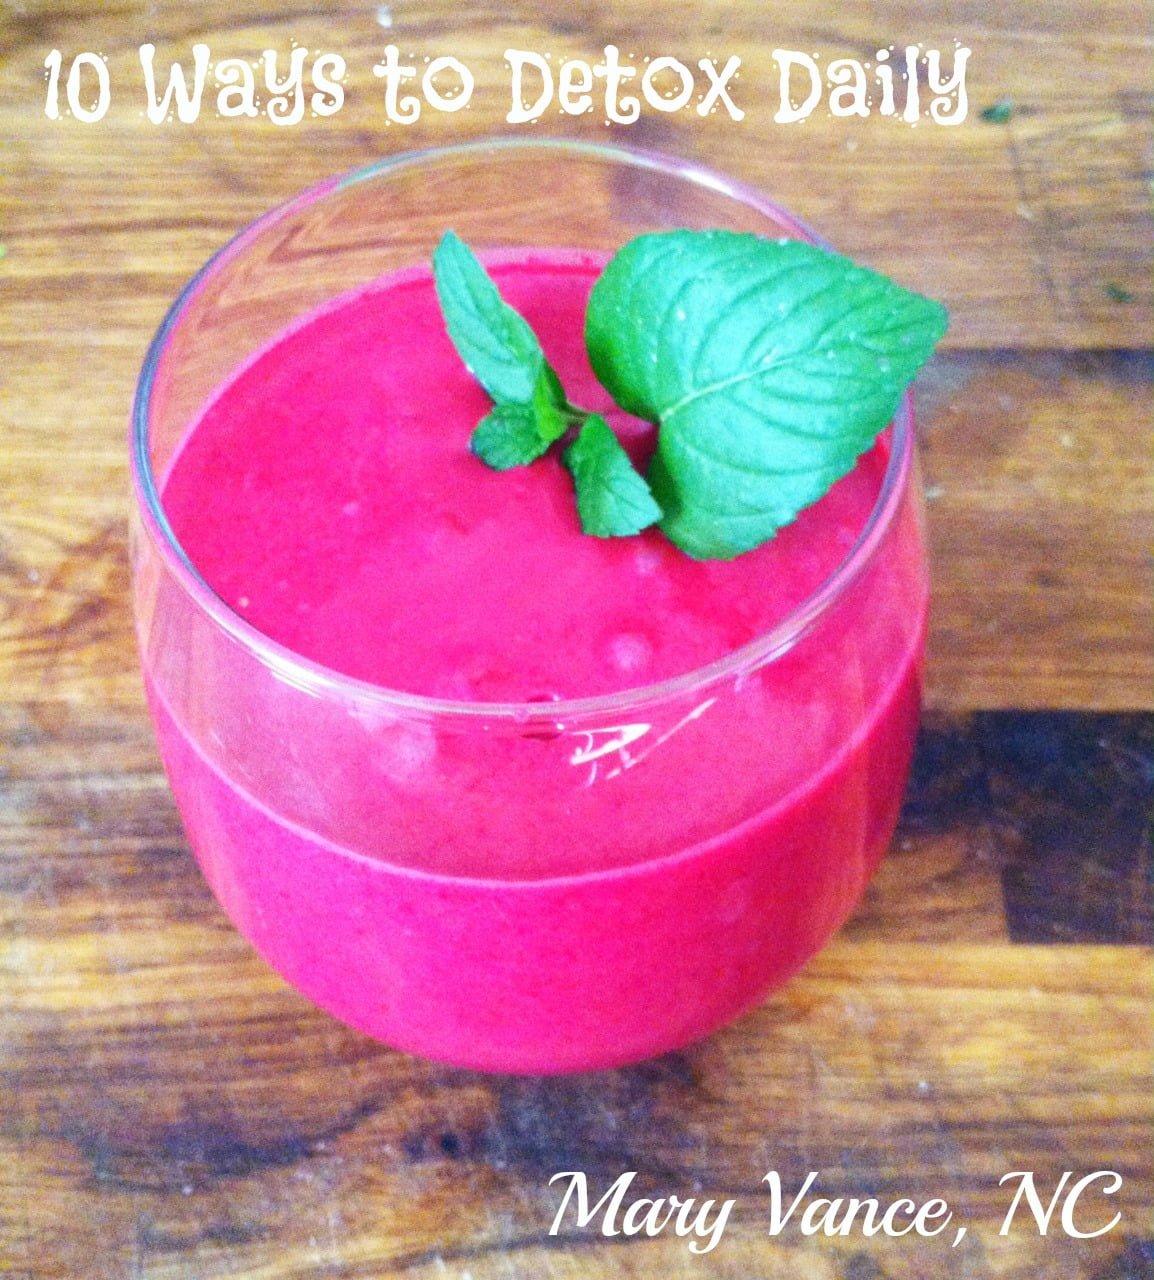 10 Ways to Detox Daily - Mary Vance, NC